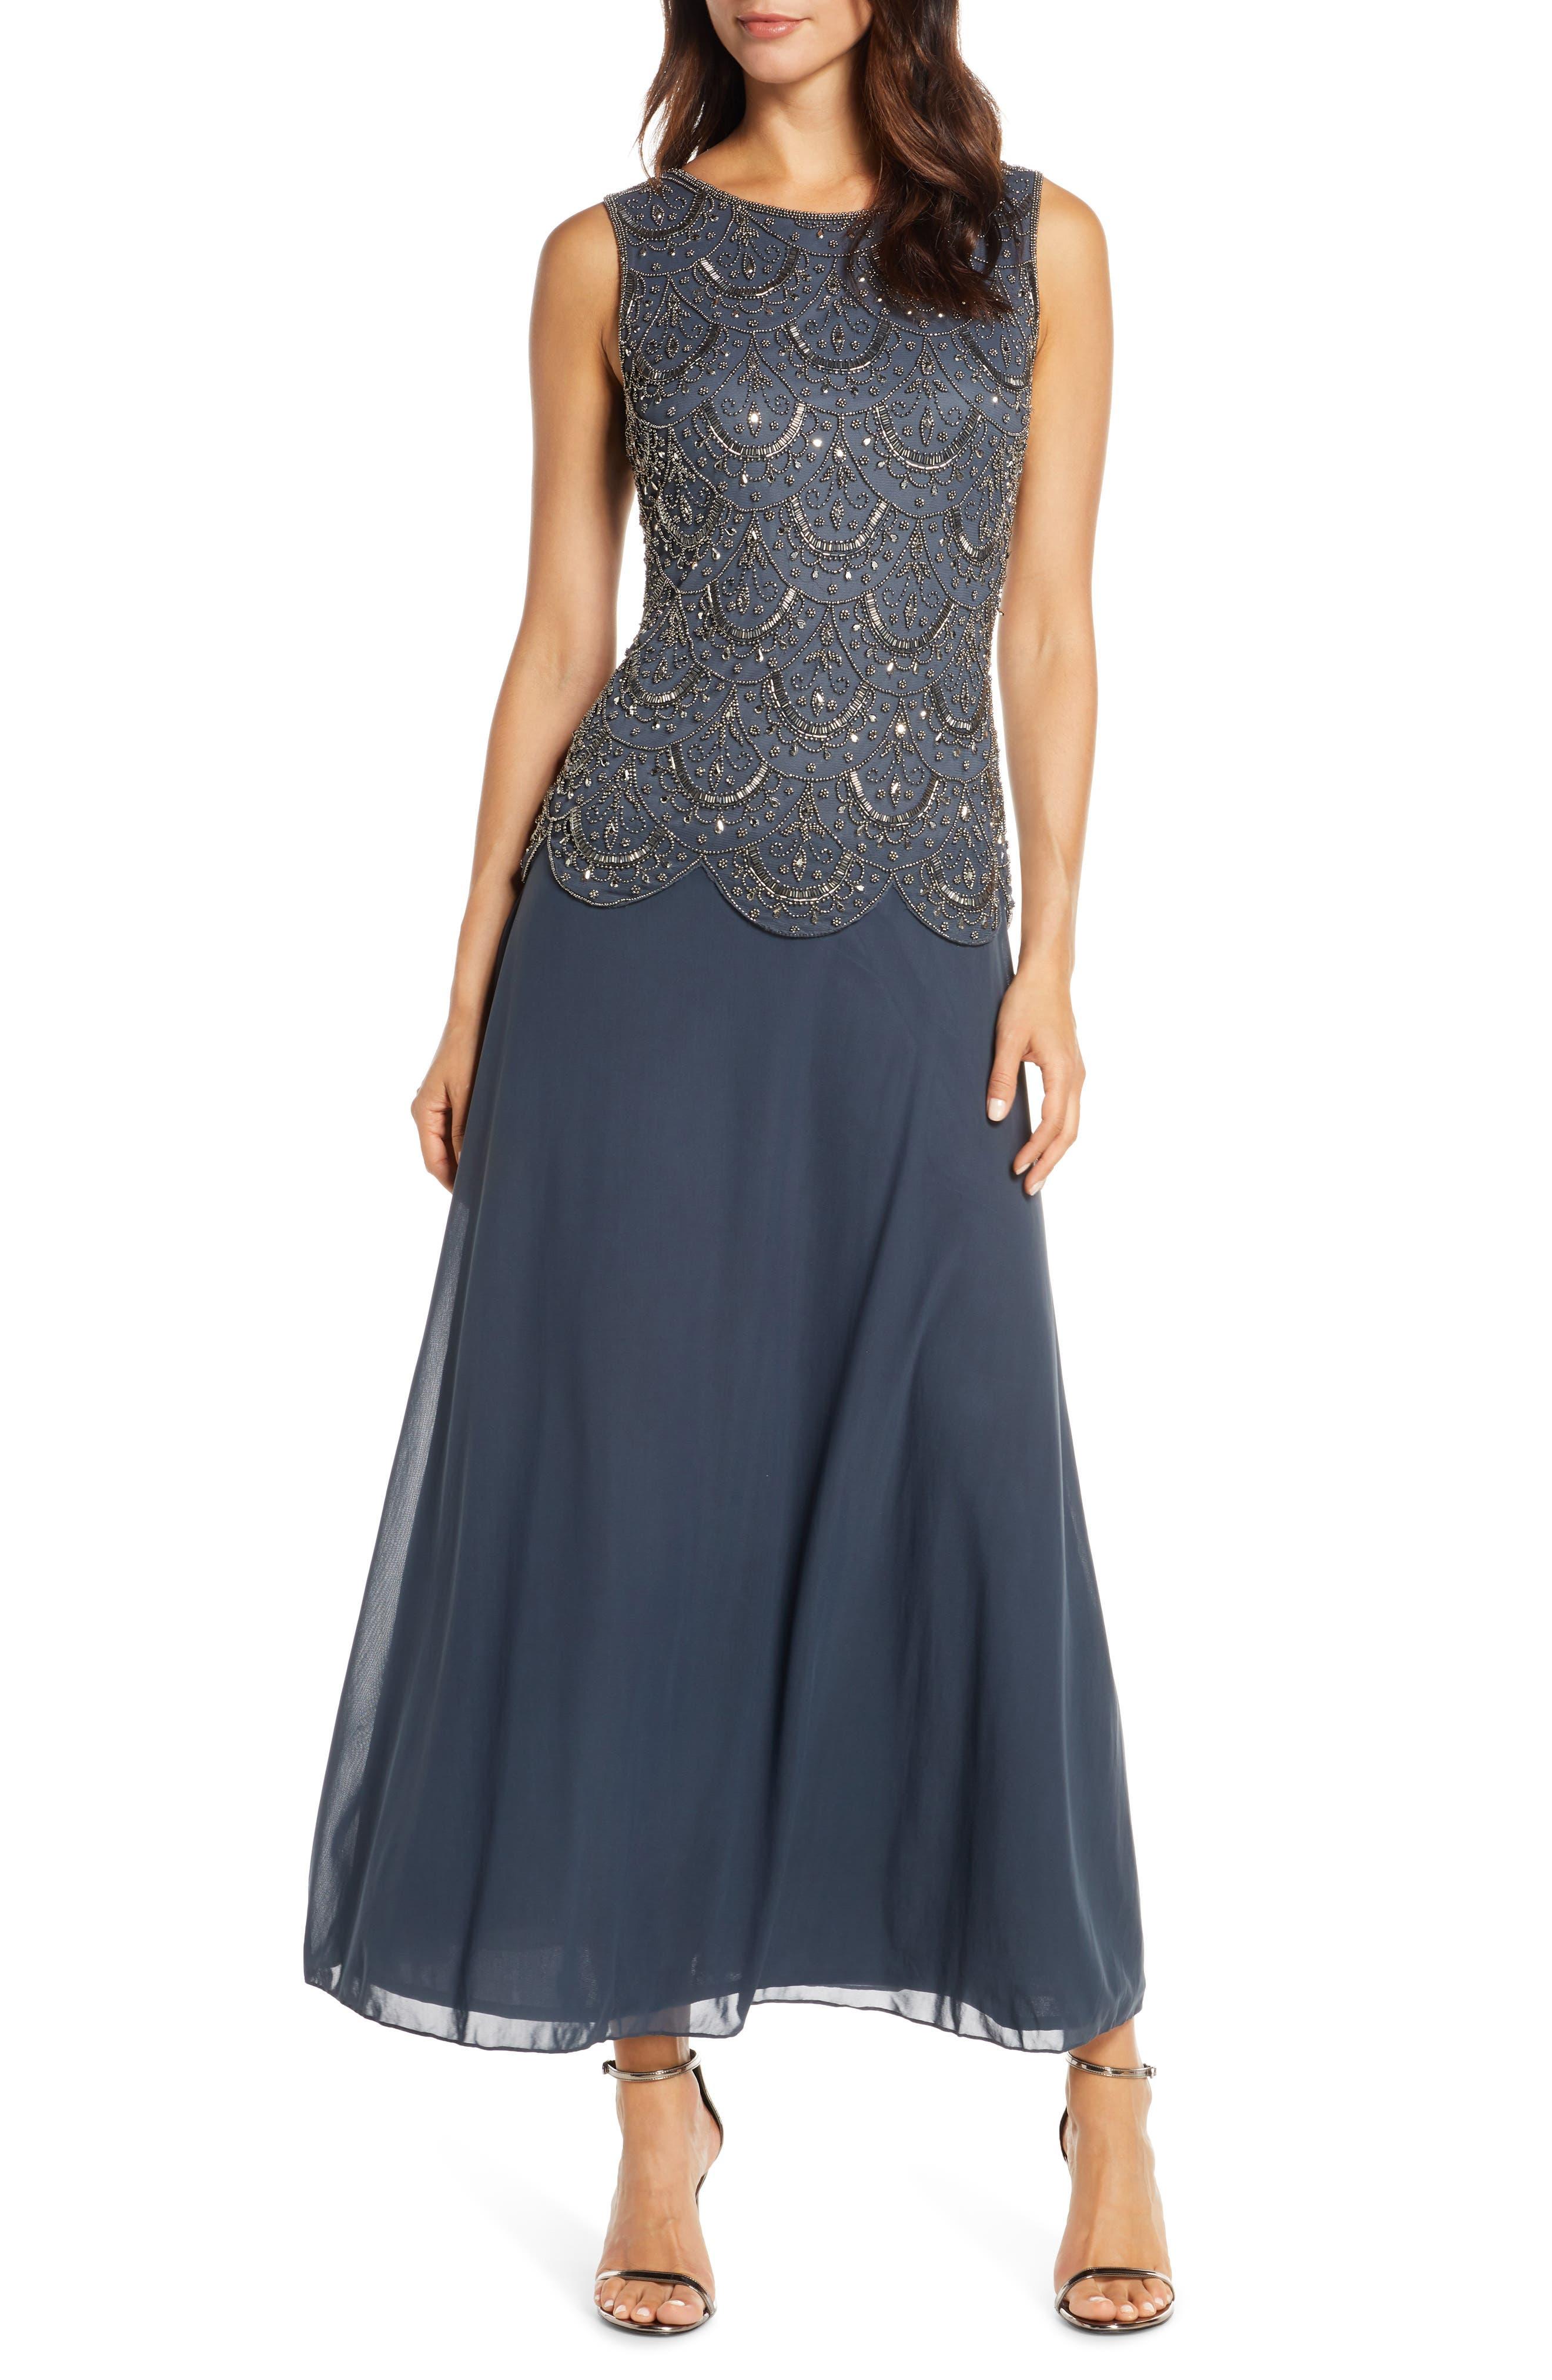 9b9e290d58a Petite Dresses Dillards - Gomes Weine AG